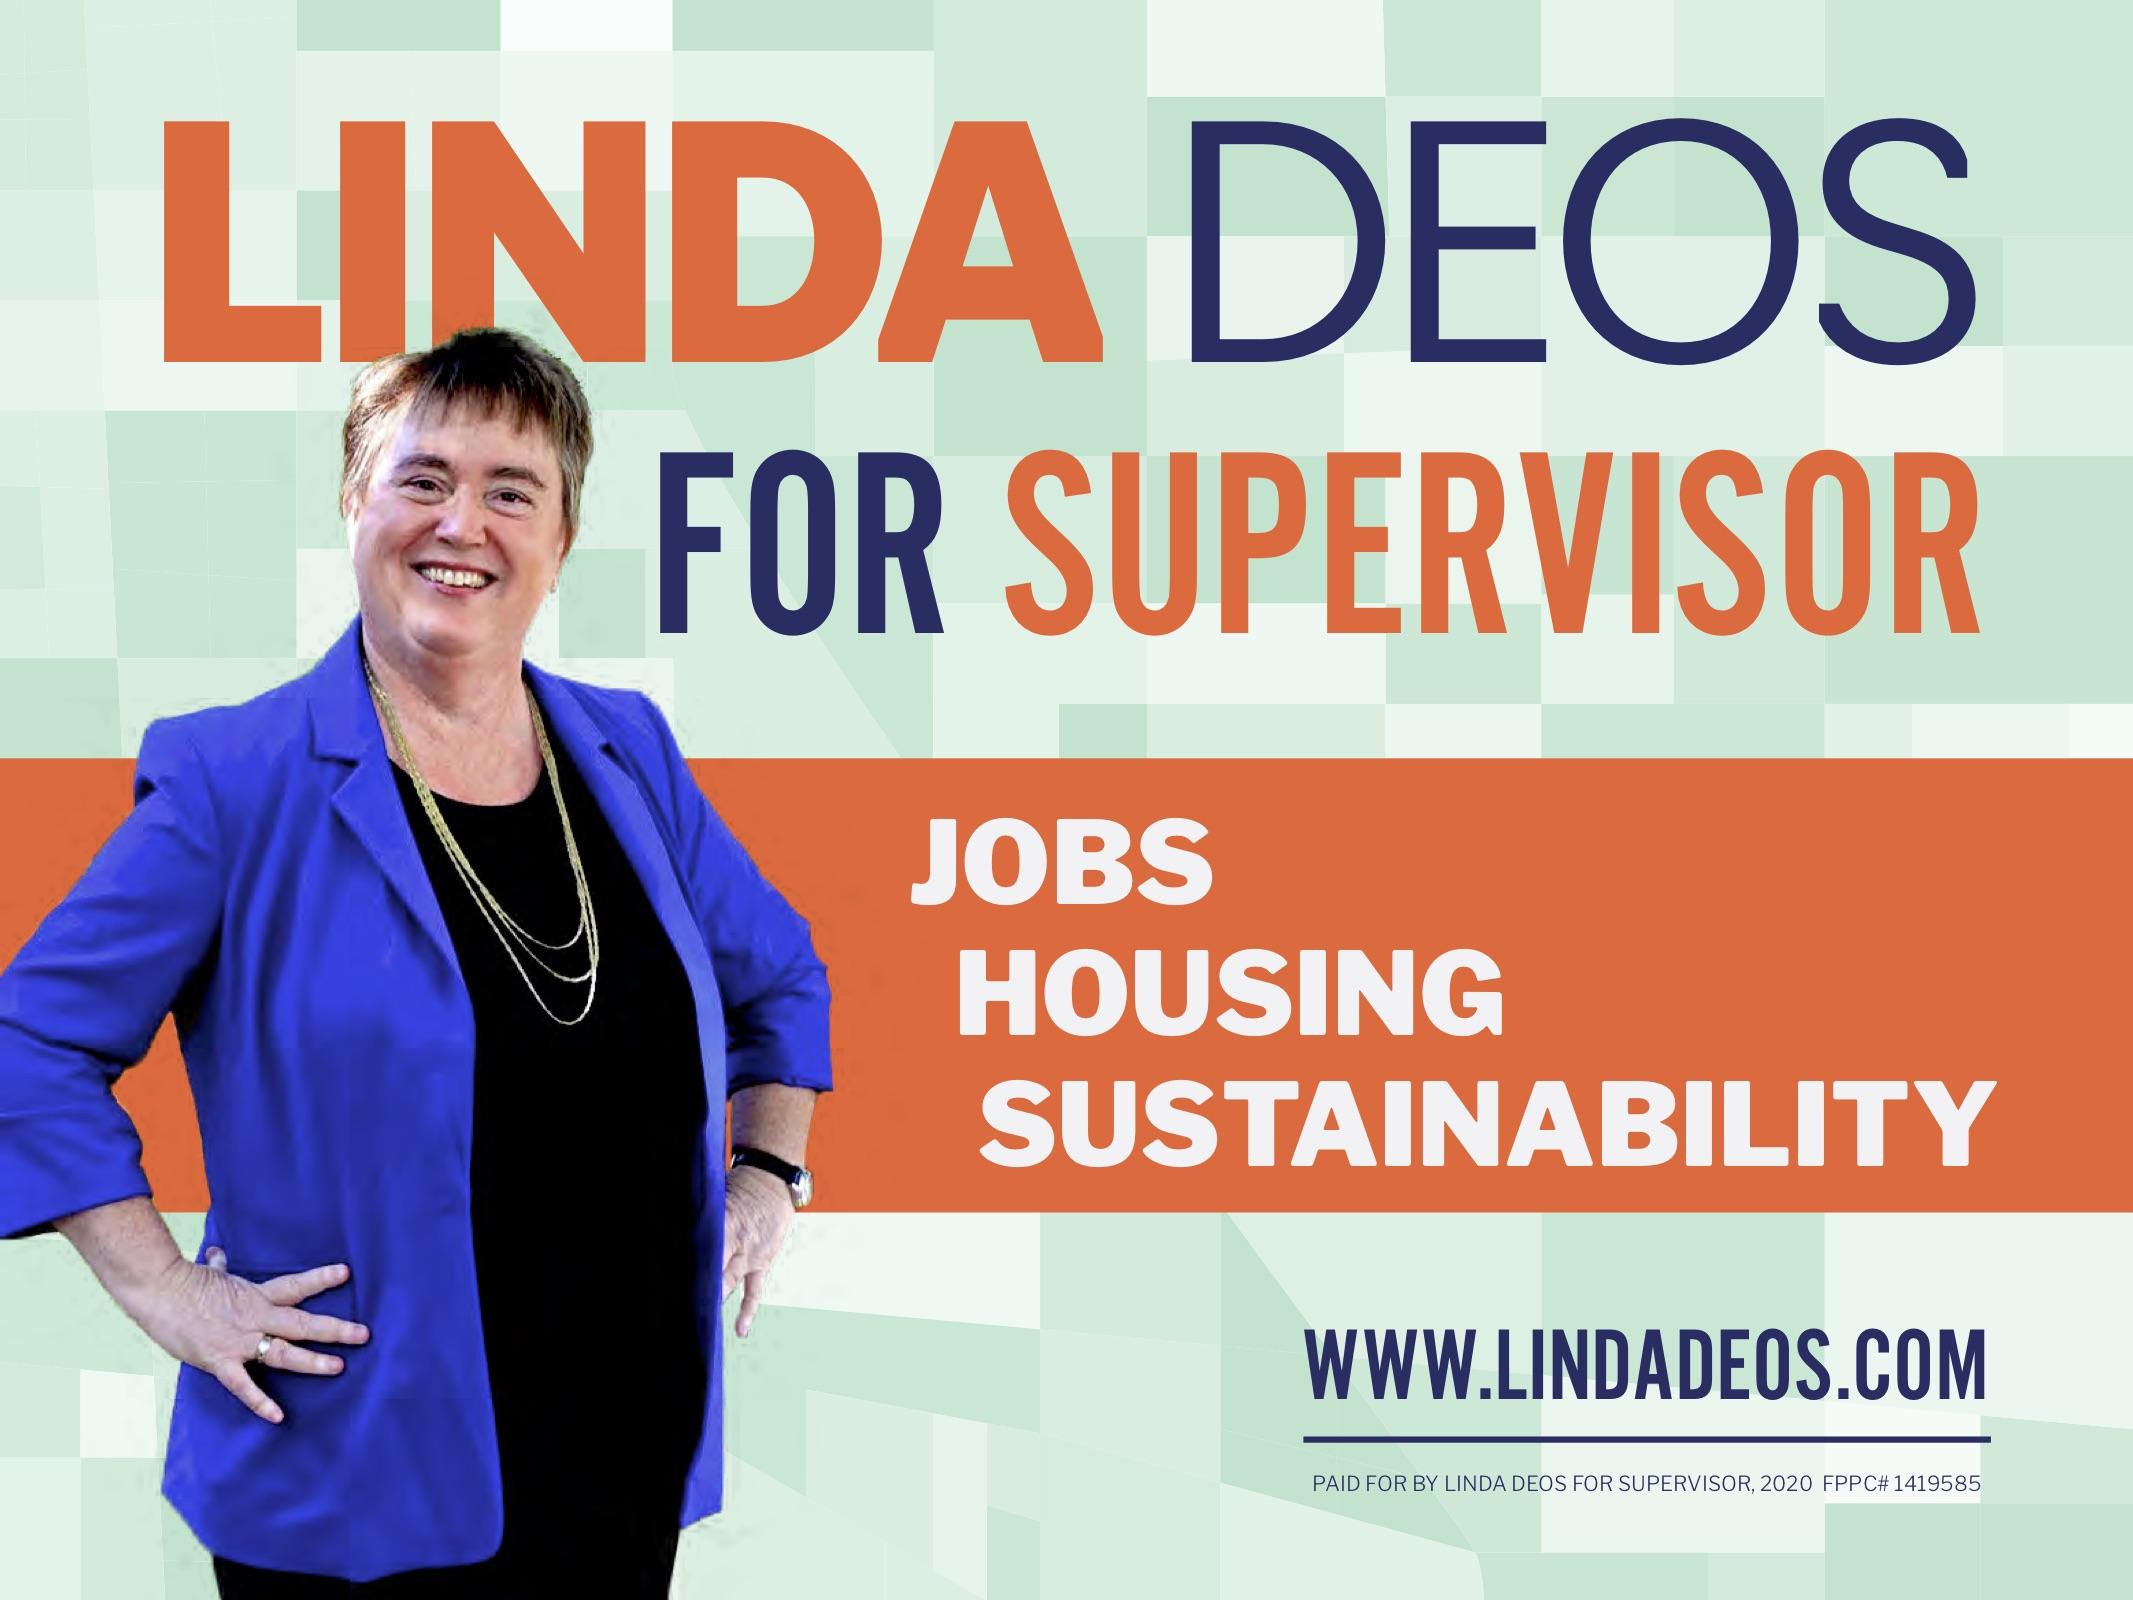 Linda Deos